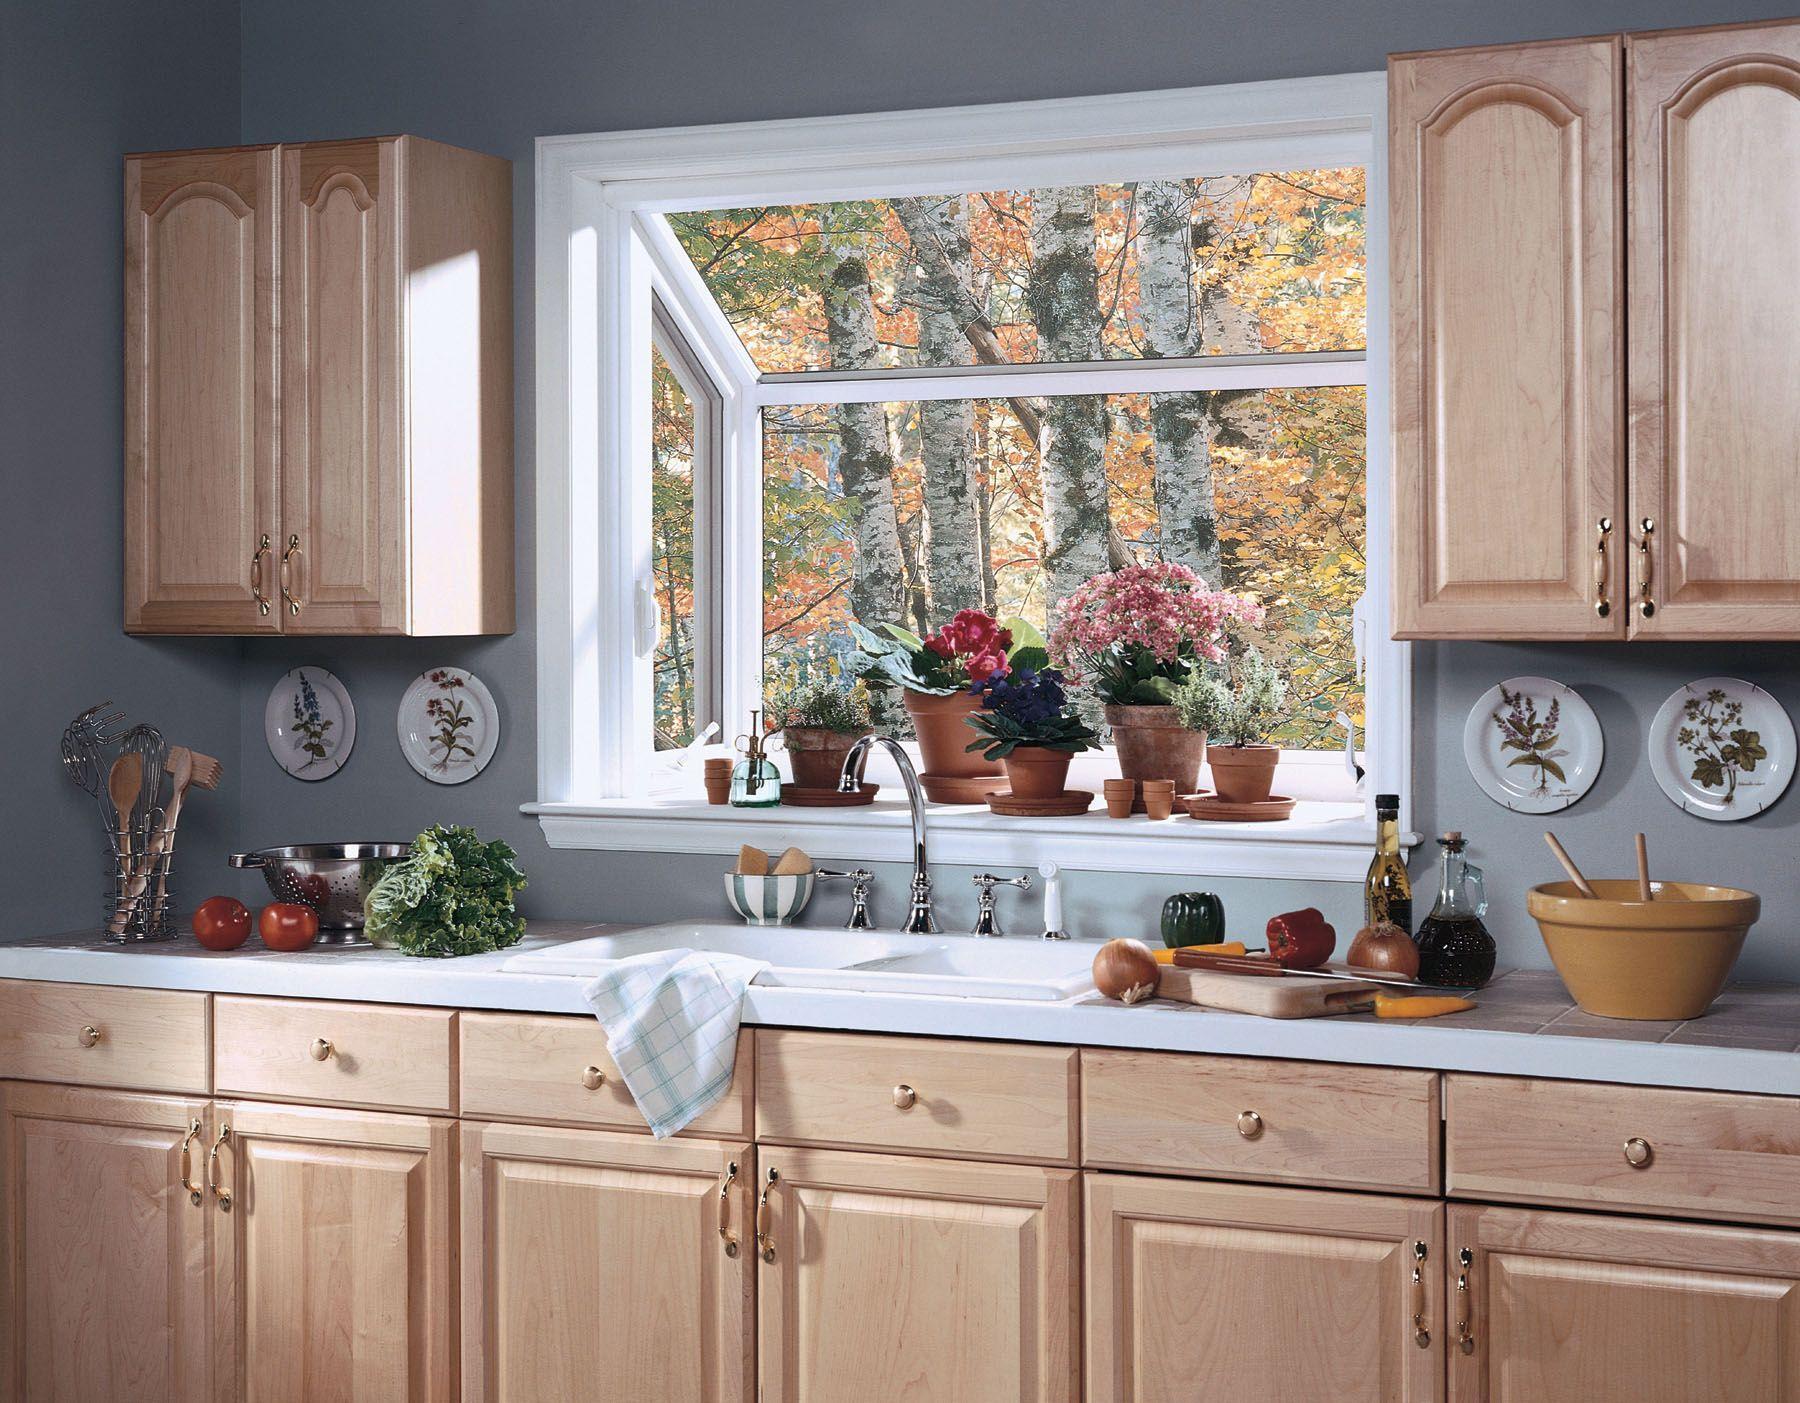 Image result for Vine is fine: kitchen window ideas pinterest